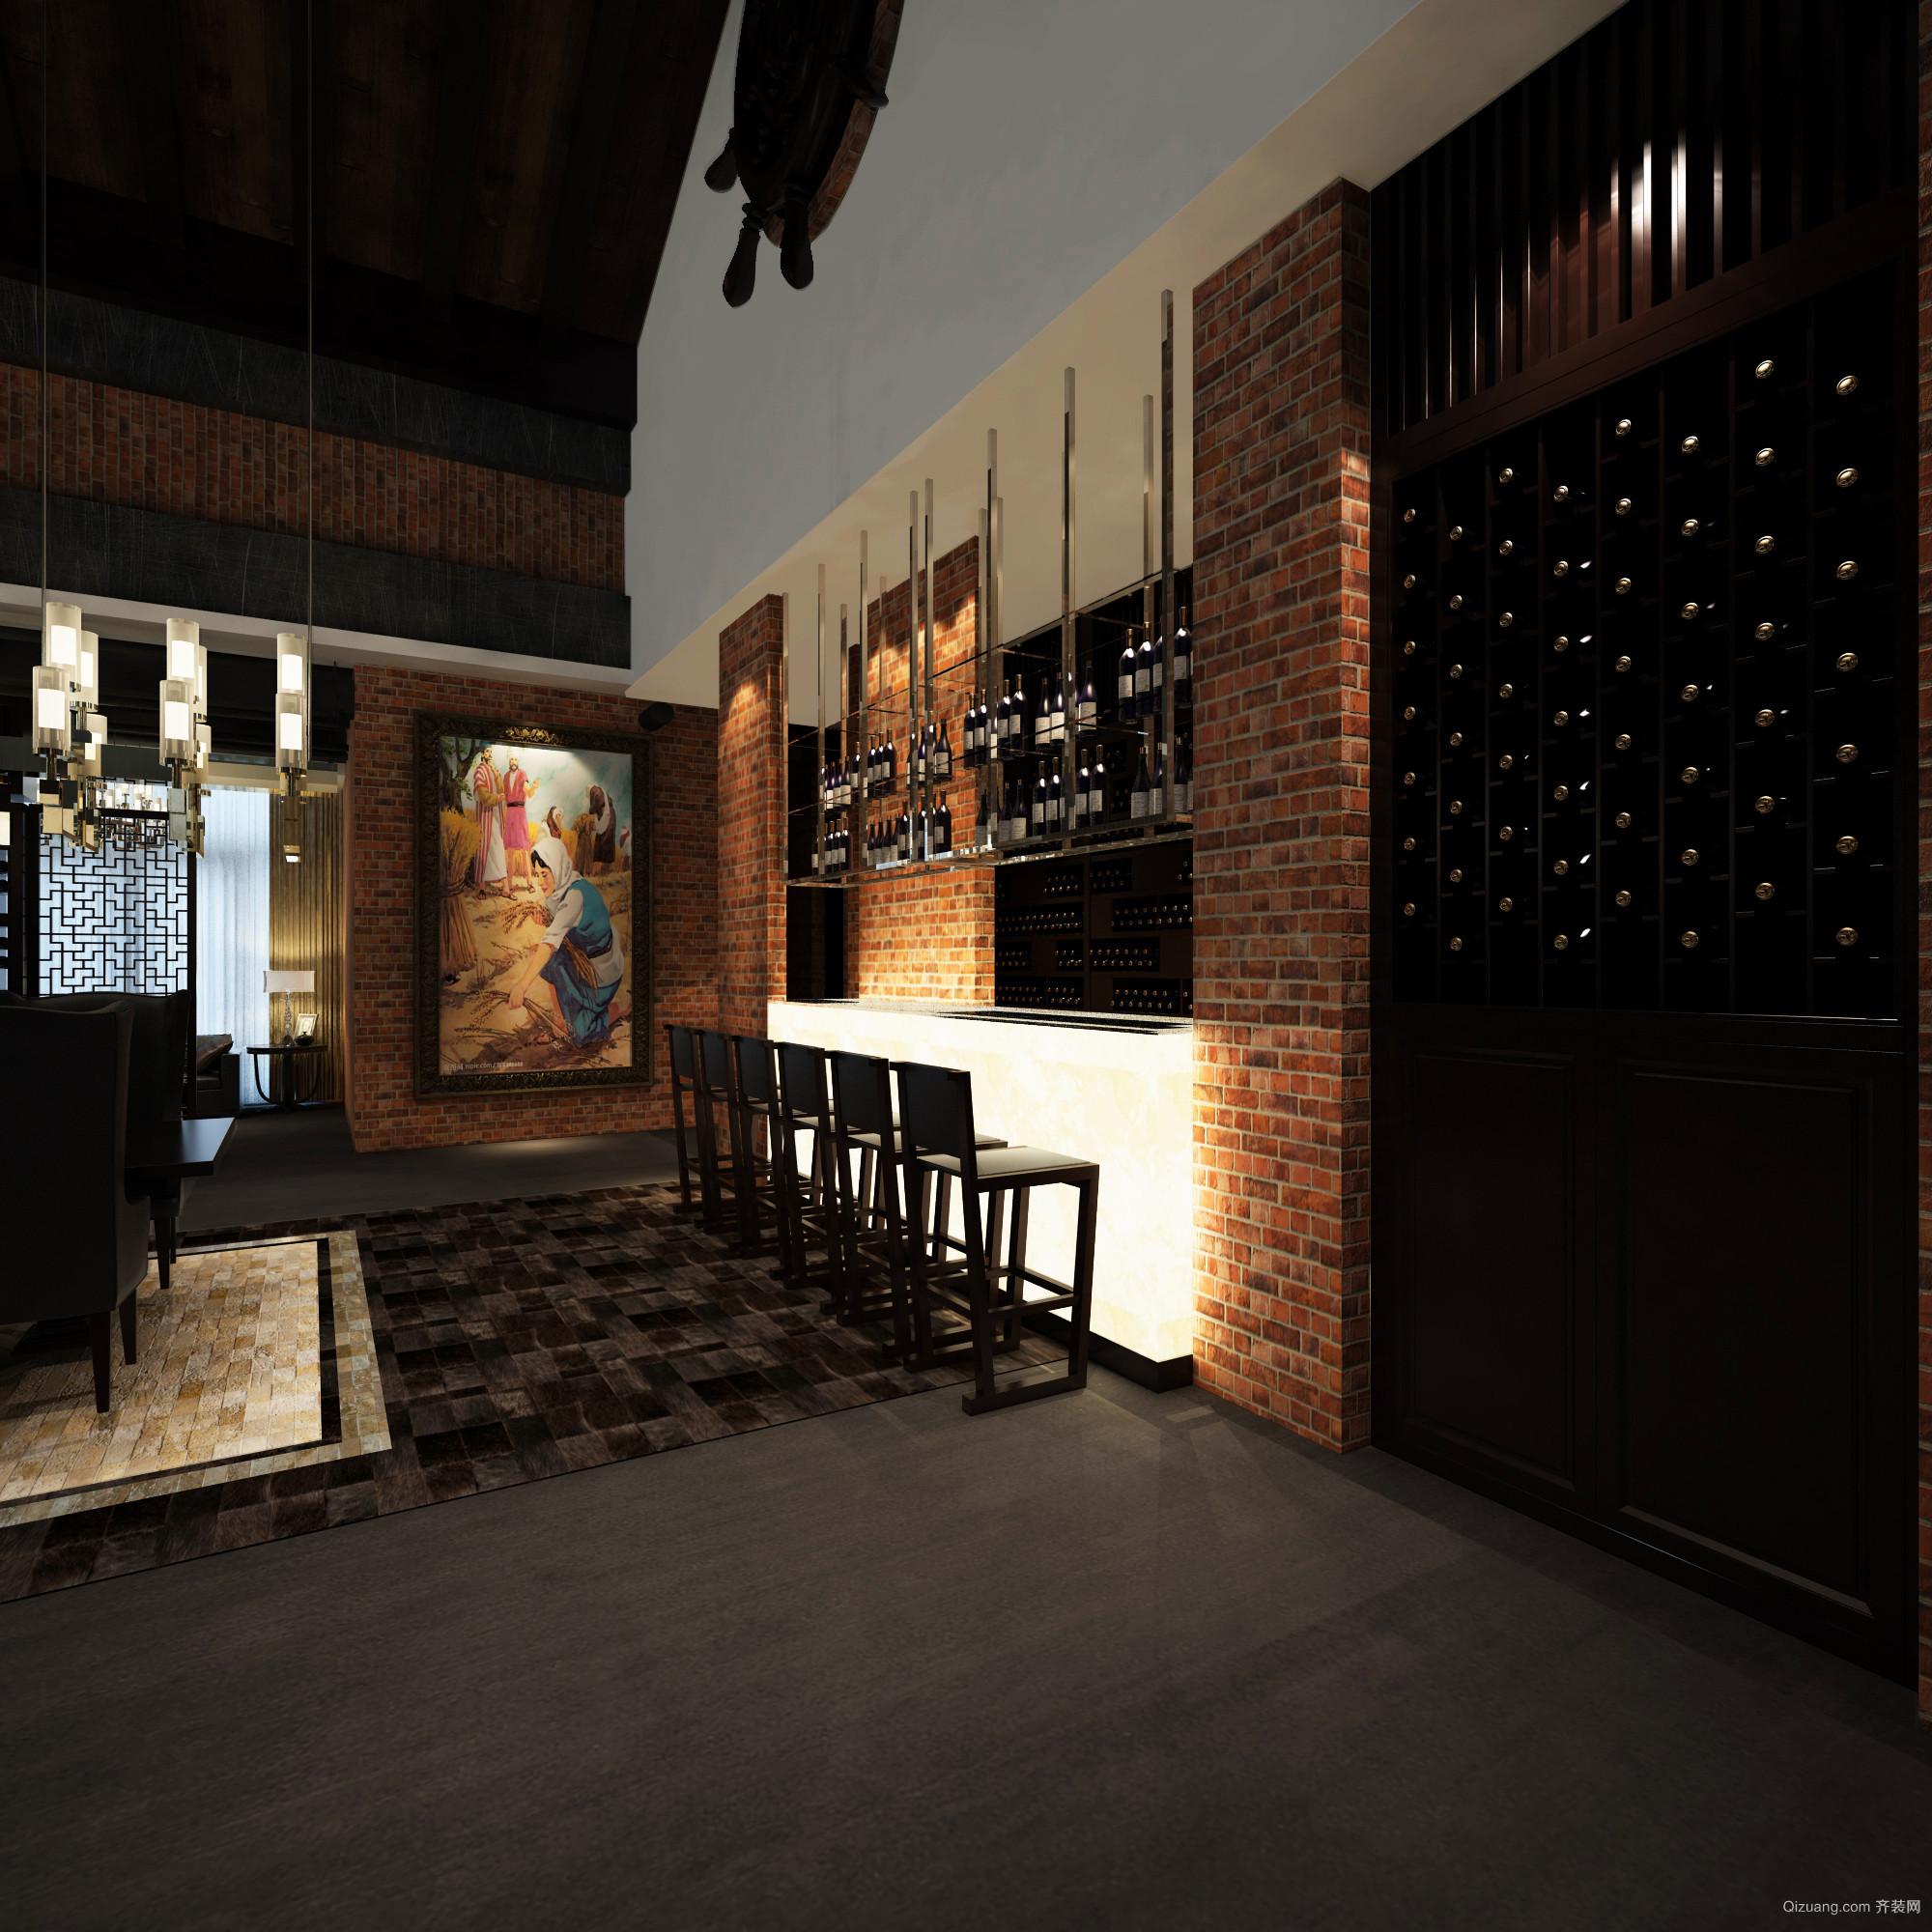 私人酒庄混搭风格装修效果图实景图